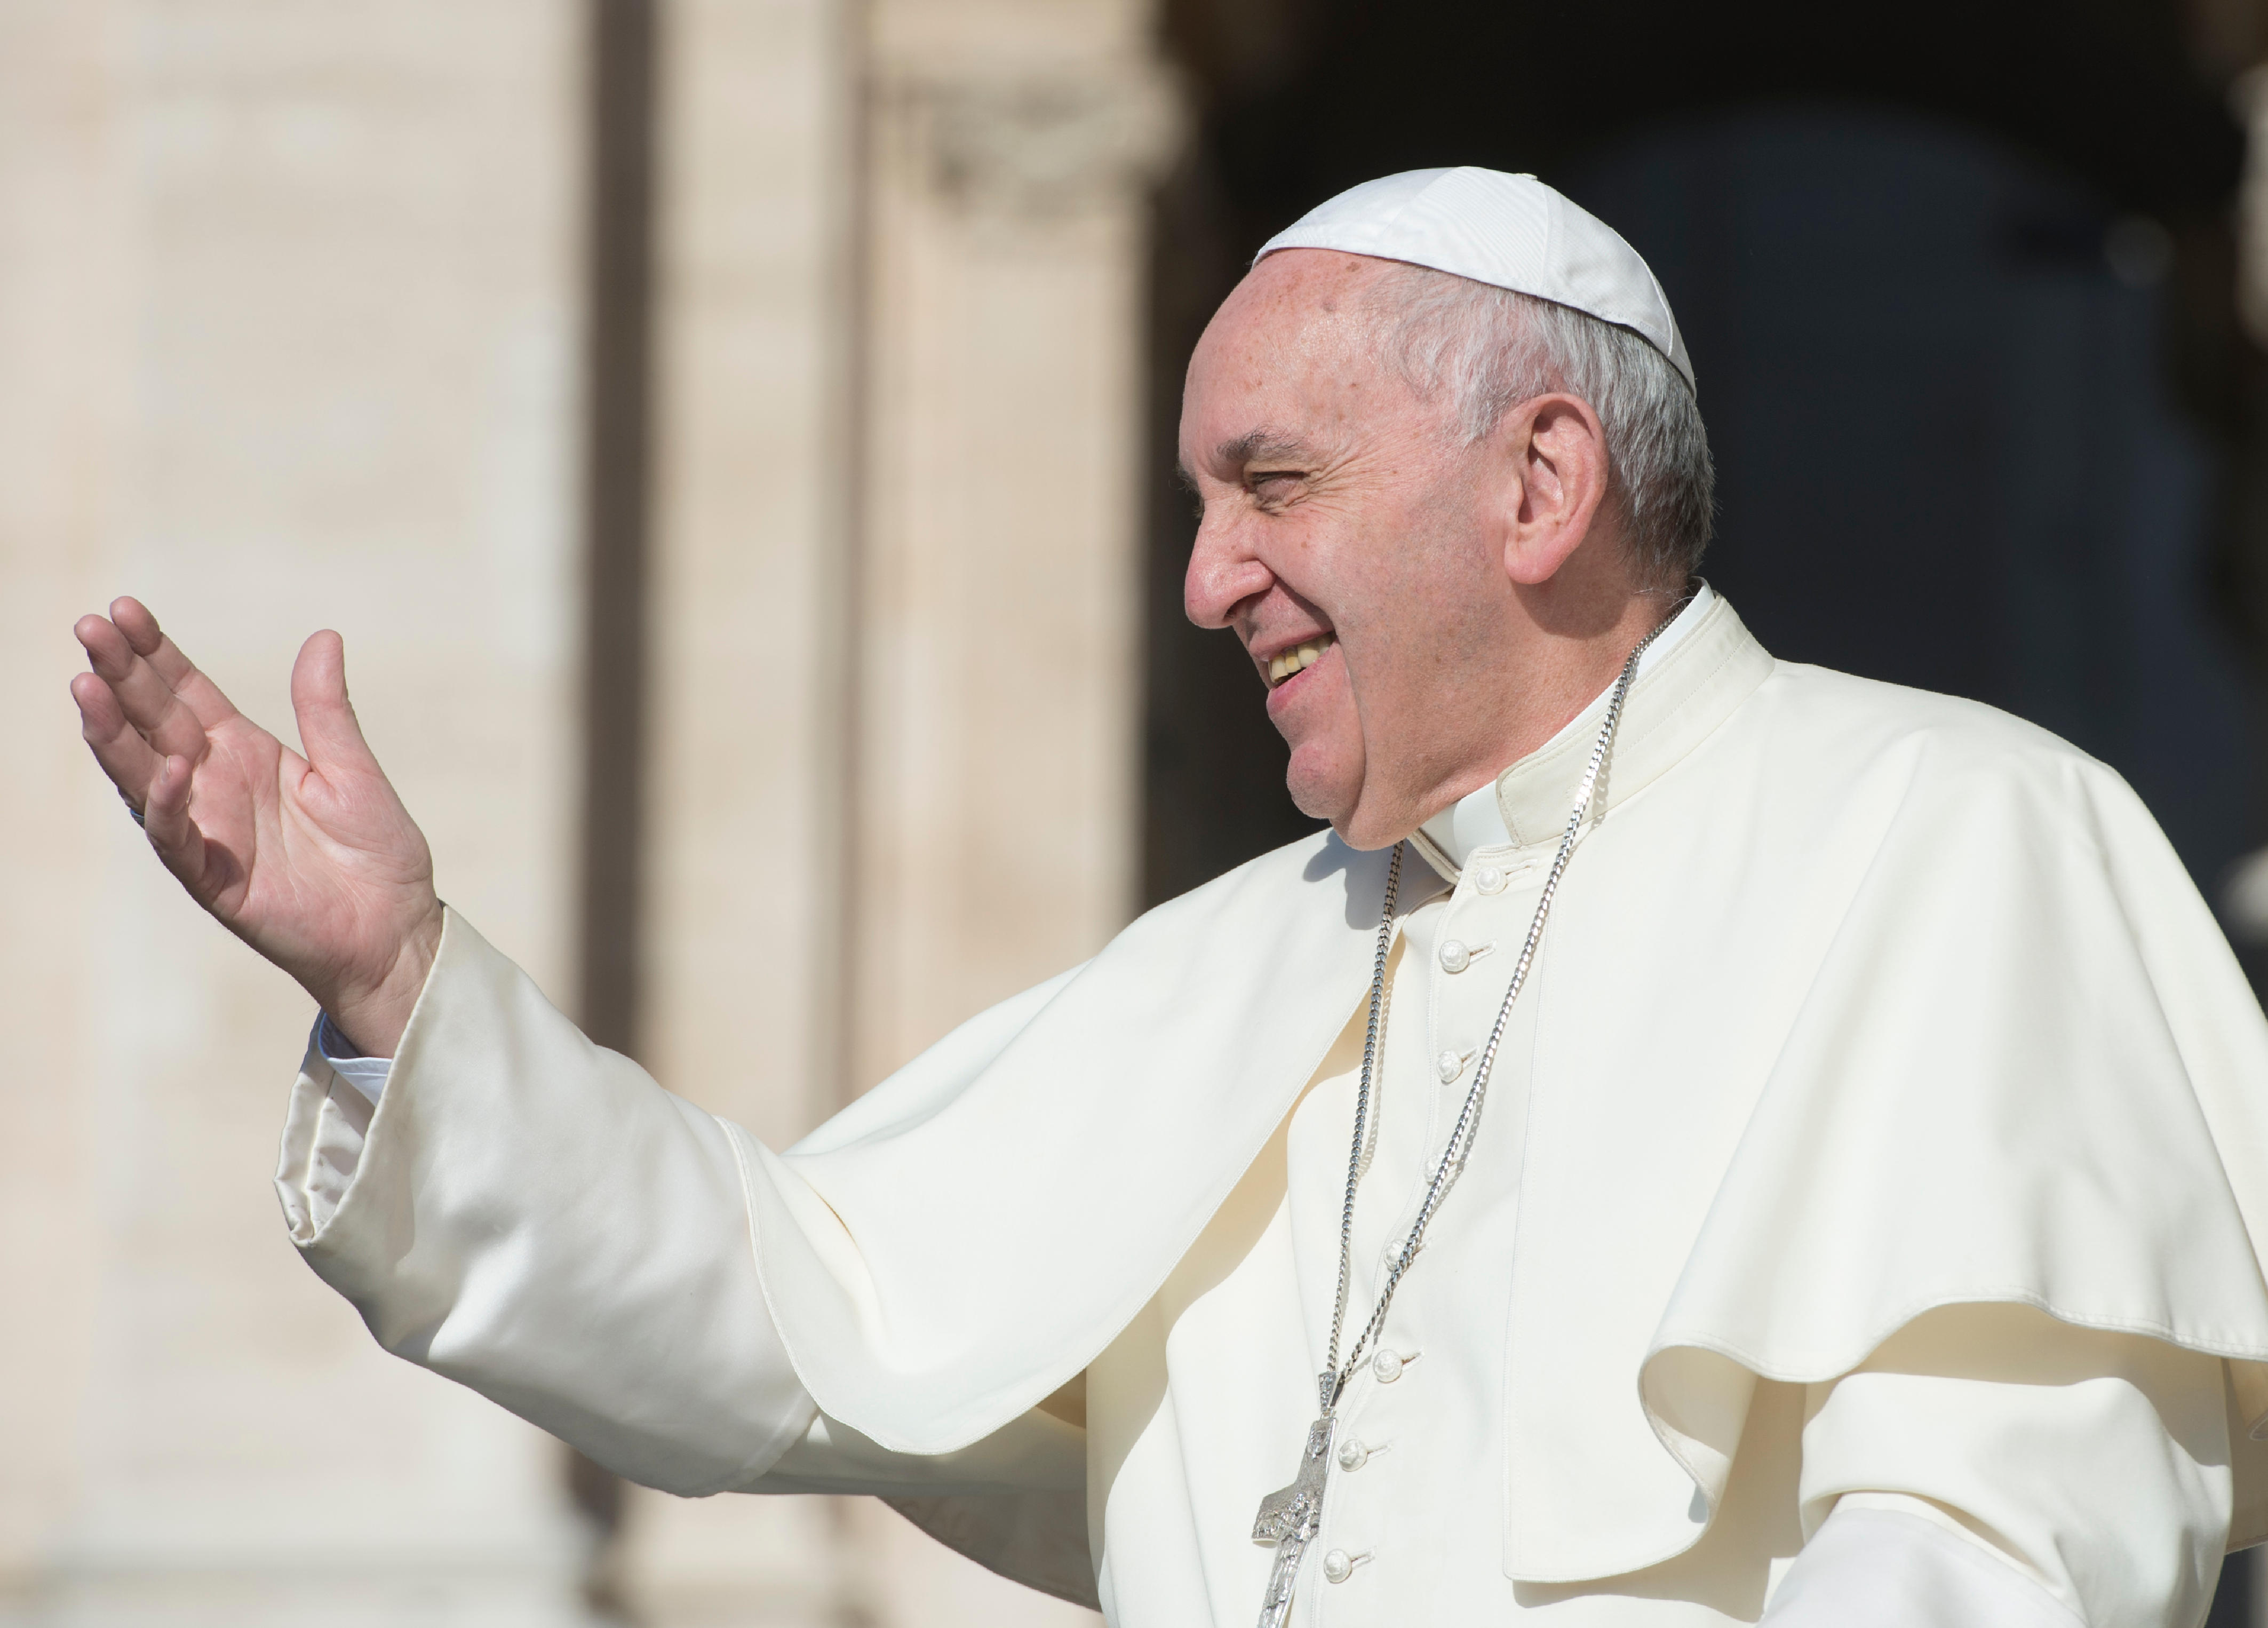 Le pape François au cours d'une audience générale